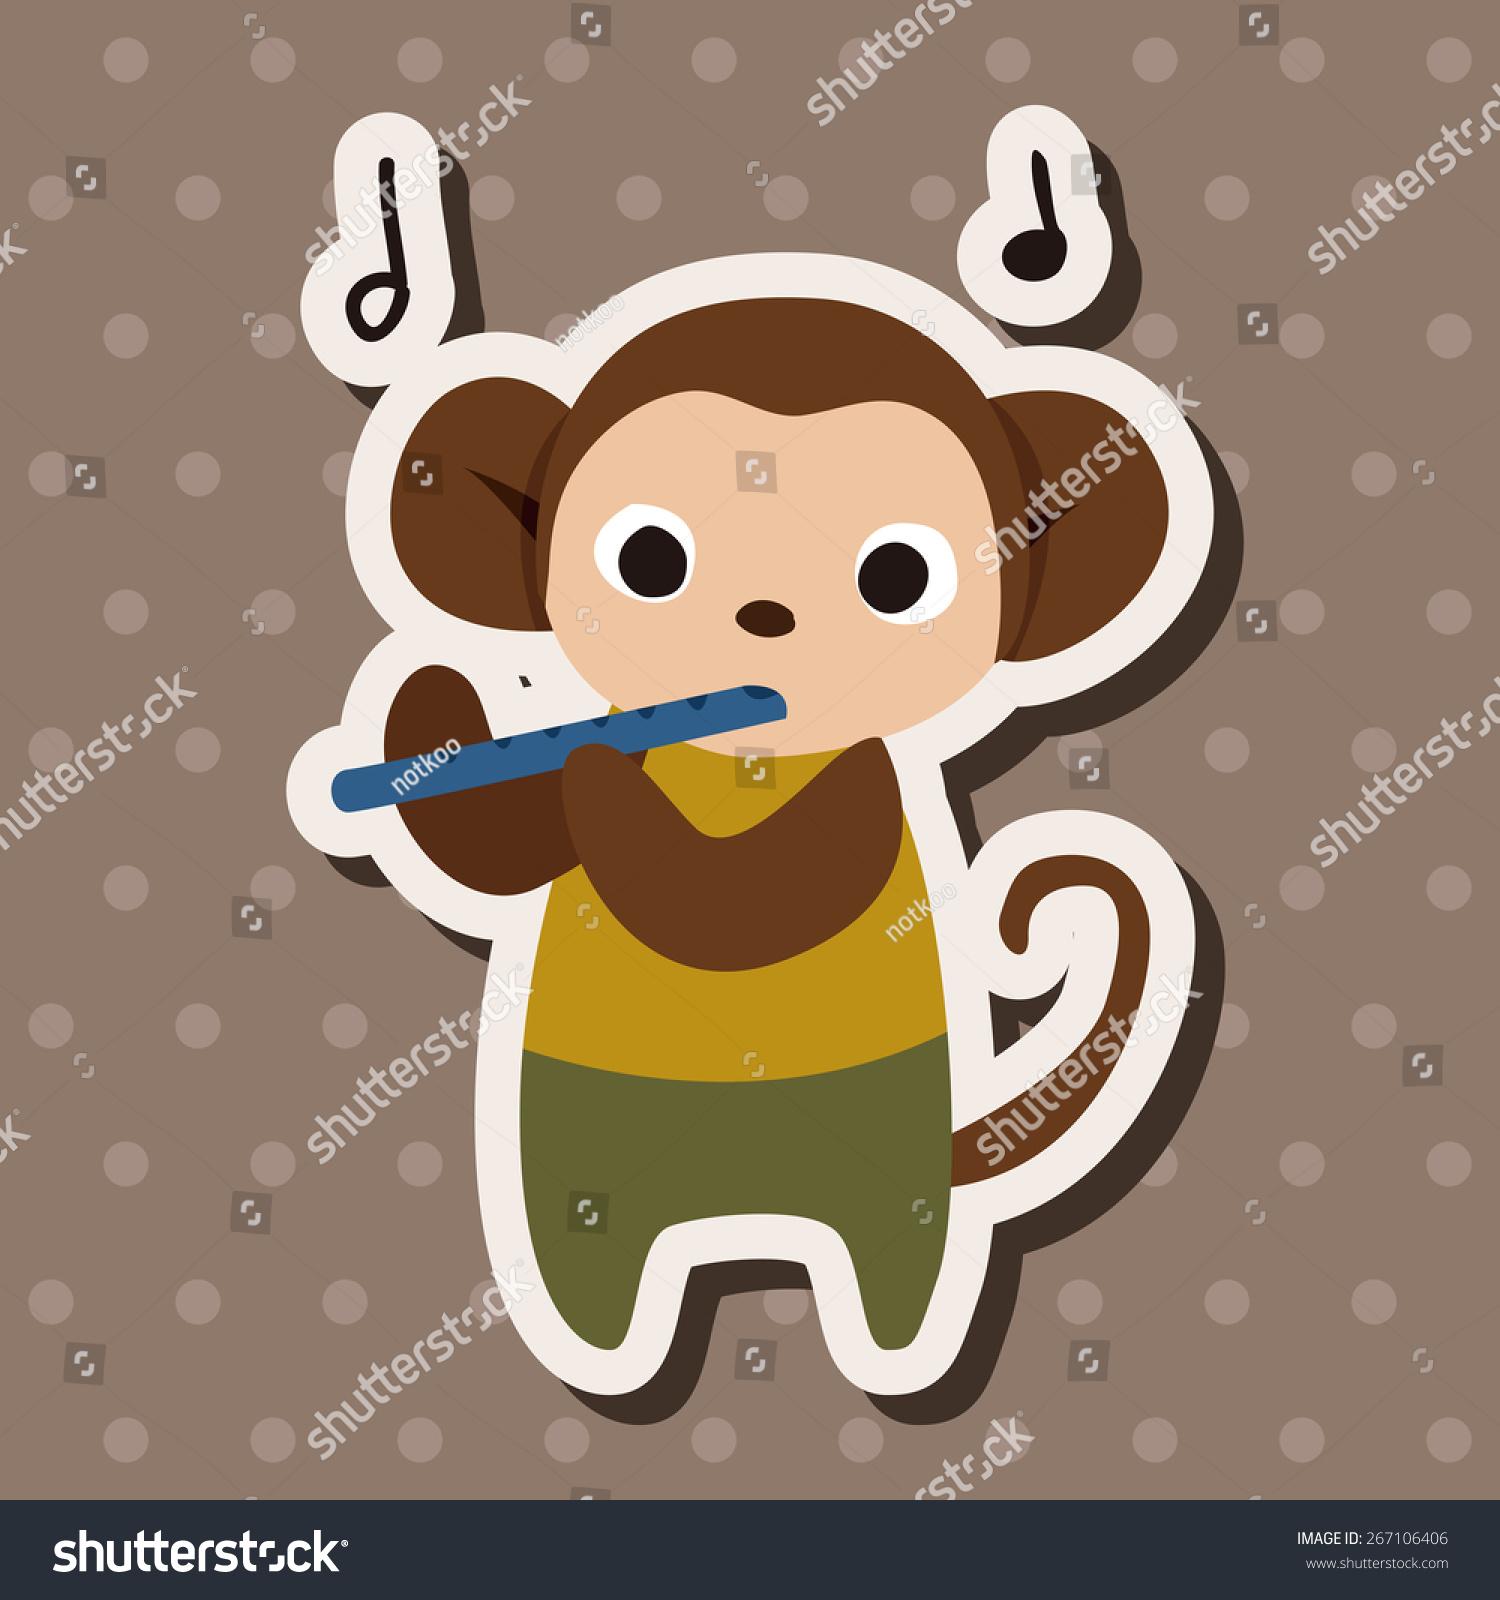 背景音乐动物猴子平图标元素